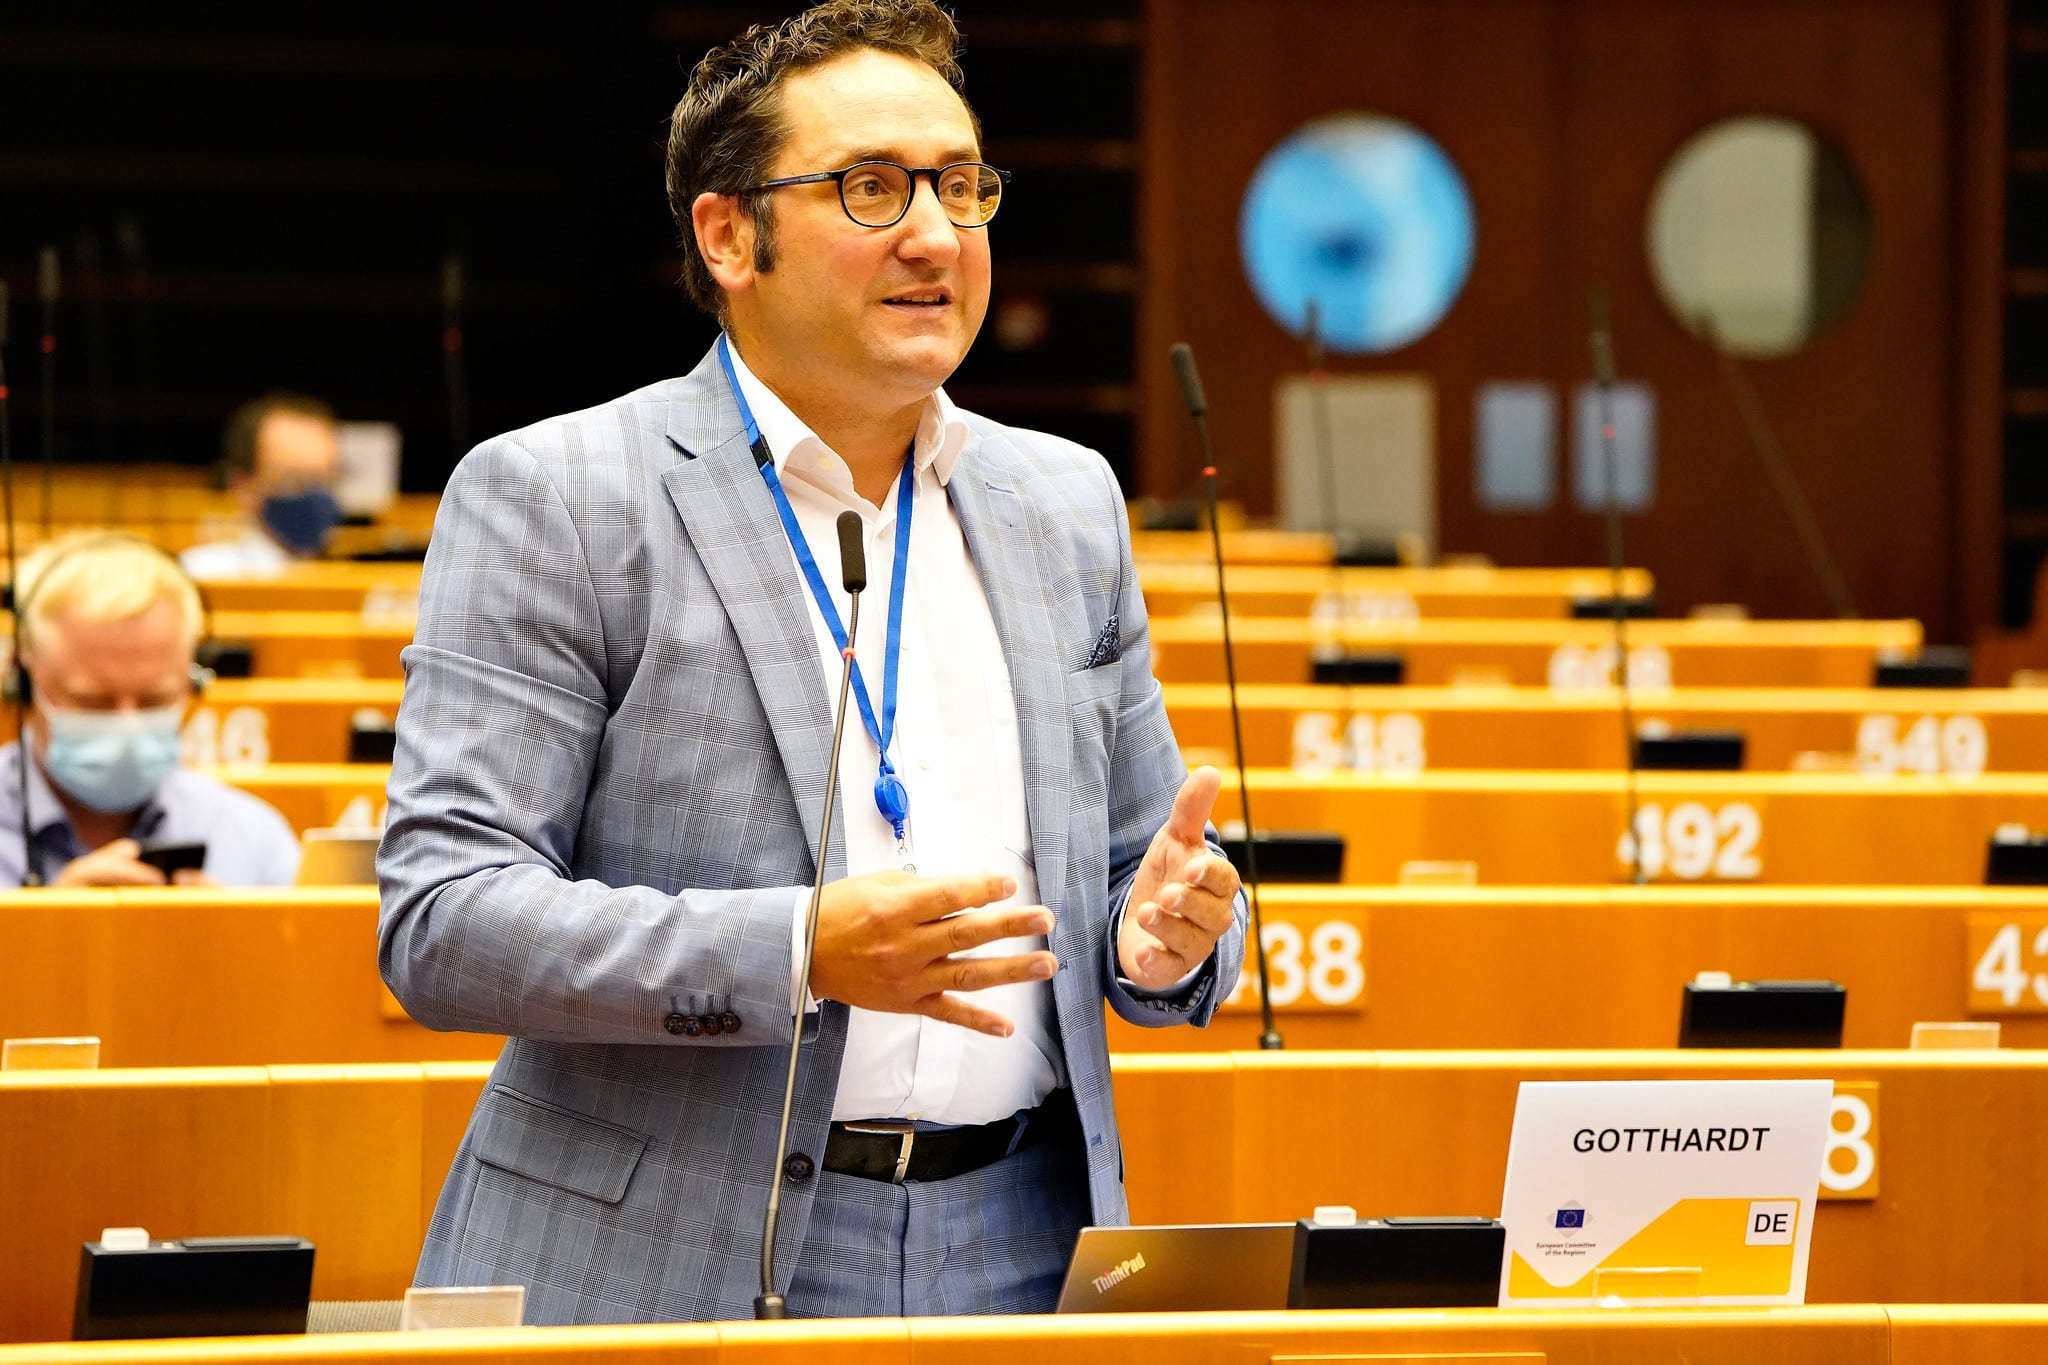 Ein Oberpfälzer kämpft für die Regionen in Europa Der Kallmünzer Tobias Gotthardt vertritt den Freistaat Bayern in Brüssel – und macht sich auch für Reformen und mehr Bürgernähe stark.